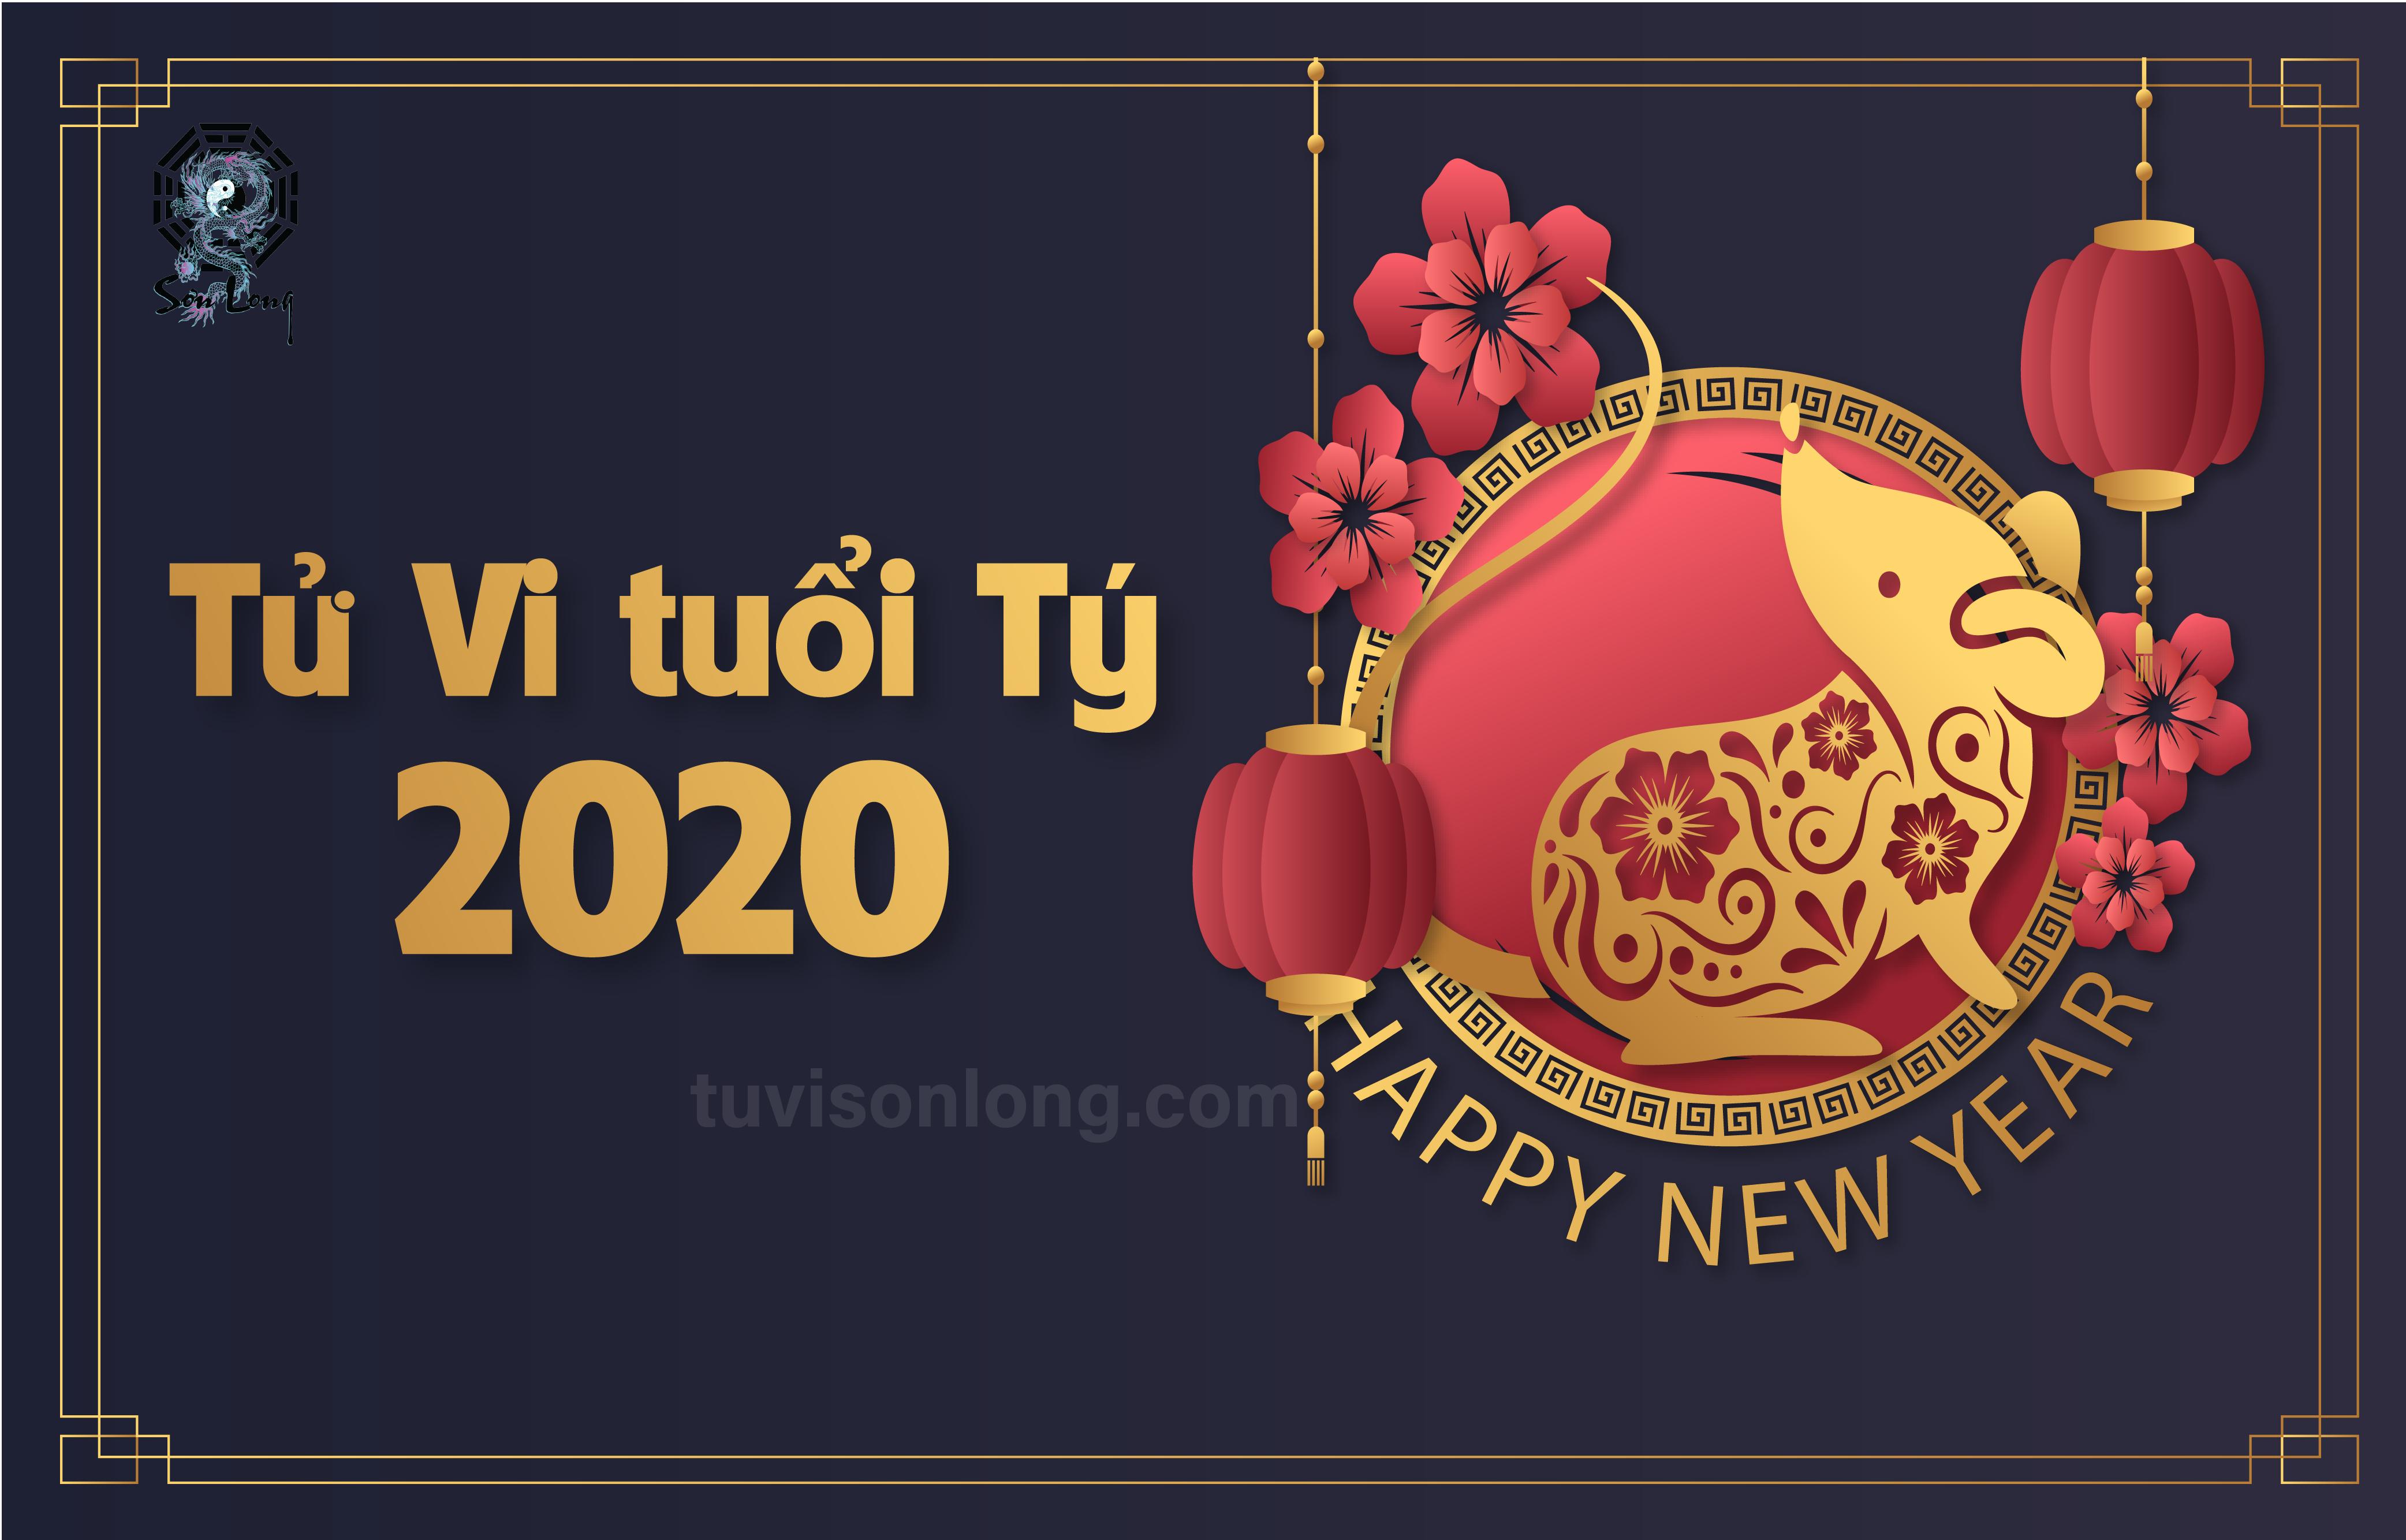 Tử Vi tuổi tý năm 2020